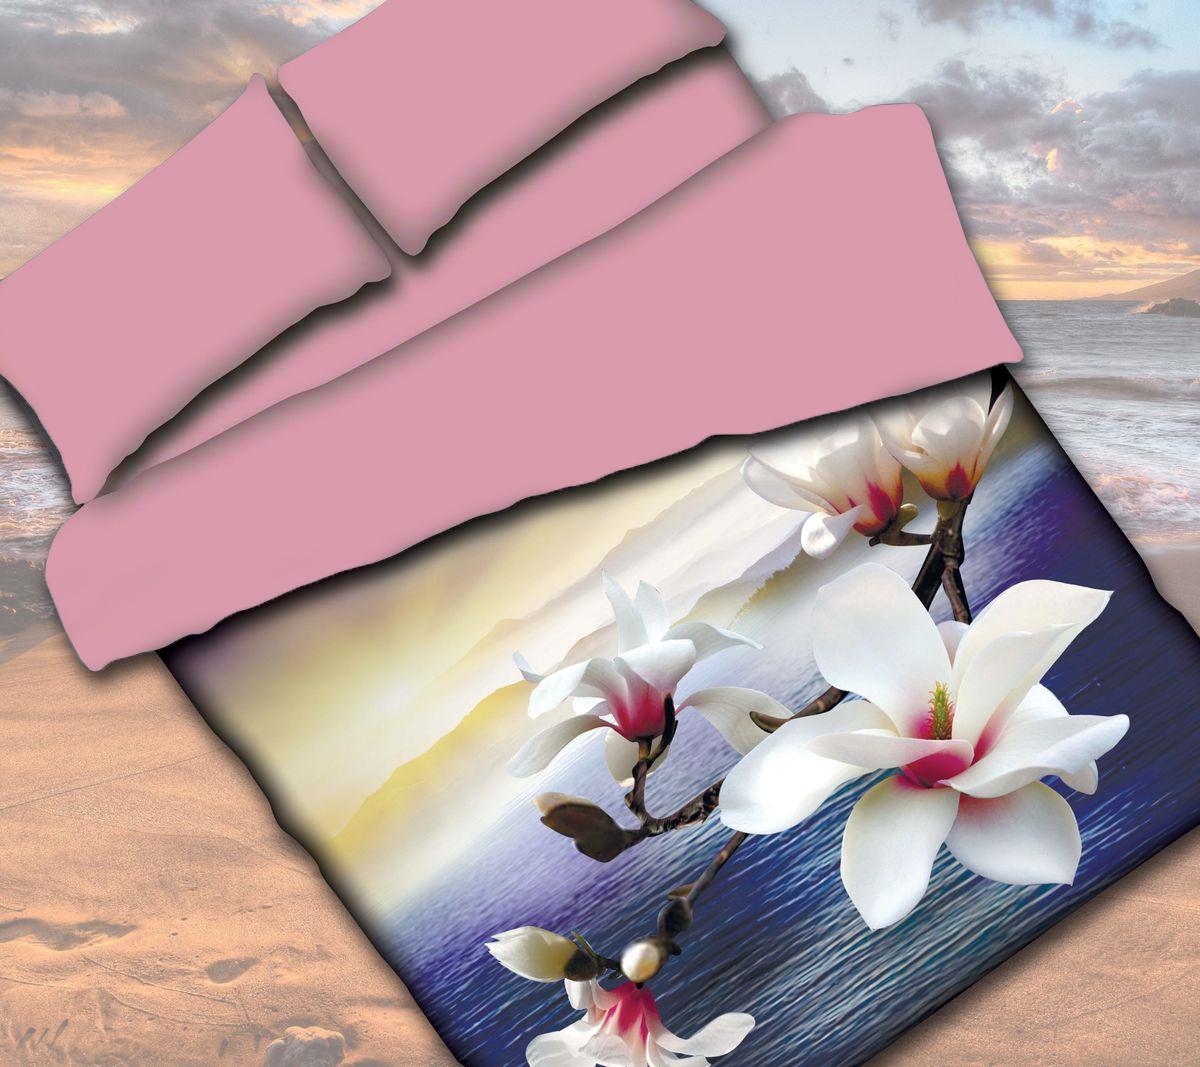 Комплект белья Коллекция Орхидея, 2-спальный, наволочки 50x70 смПРКЛ1,5/70/ОЗ/узКомплект постельного белья включает в себя четыре предмета: простыню, пододеяльник и две наволочки, выполненные из сатина.Сатин - гладкая и прочная ткань, которая своим блеском, легкостью и гладкостью похожа на шелк, но выгодно отличается от него в цене. Сатин практически не мнется, поэтому его можно не гладить. Ко всему прочему, он весьма практичен, так как хорошо переносит множественные стирки. Размер пододеяльника: 175x 210 см.Размер простыни: 220 x 224 см.Размер наволочек: 50 x 70 см.